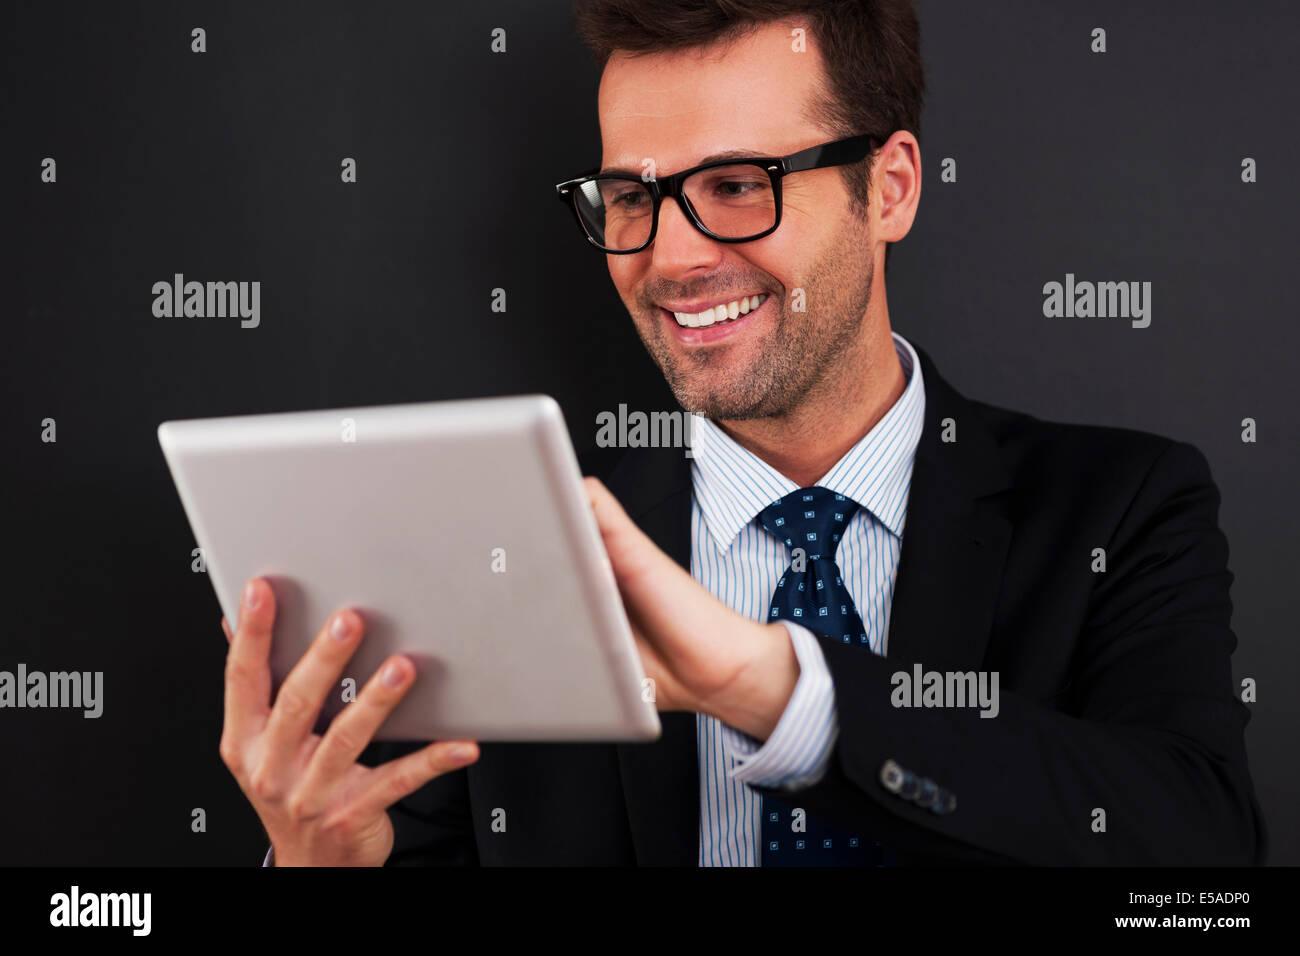 Empresario trabajando en su touchpad, Debica, Polonia Imagen De Stock